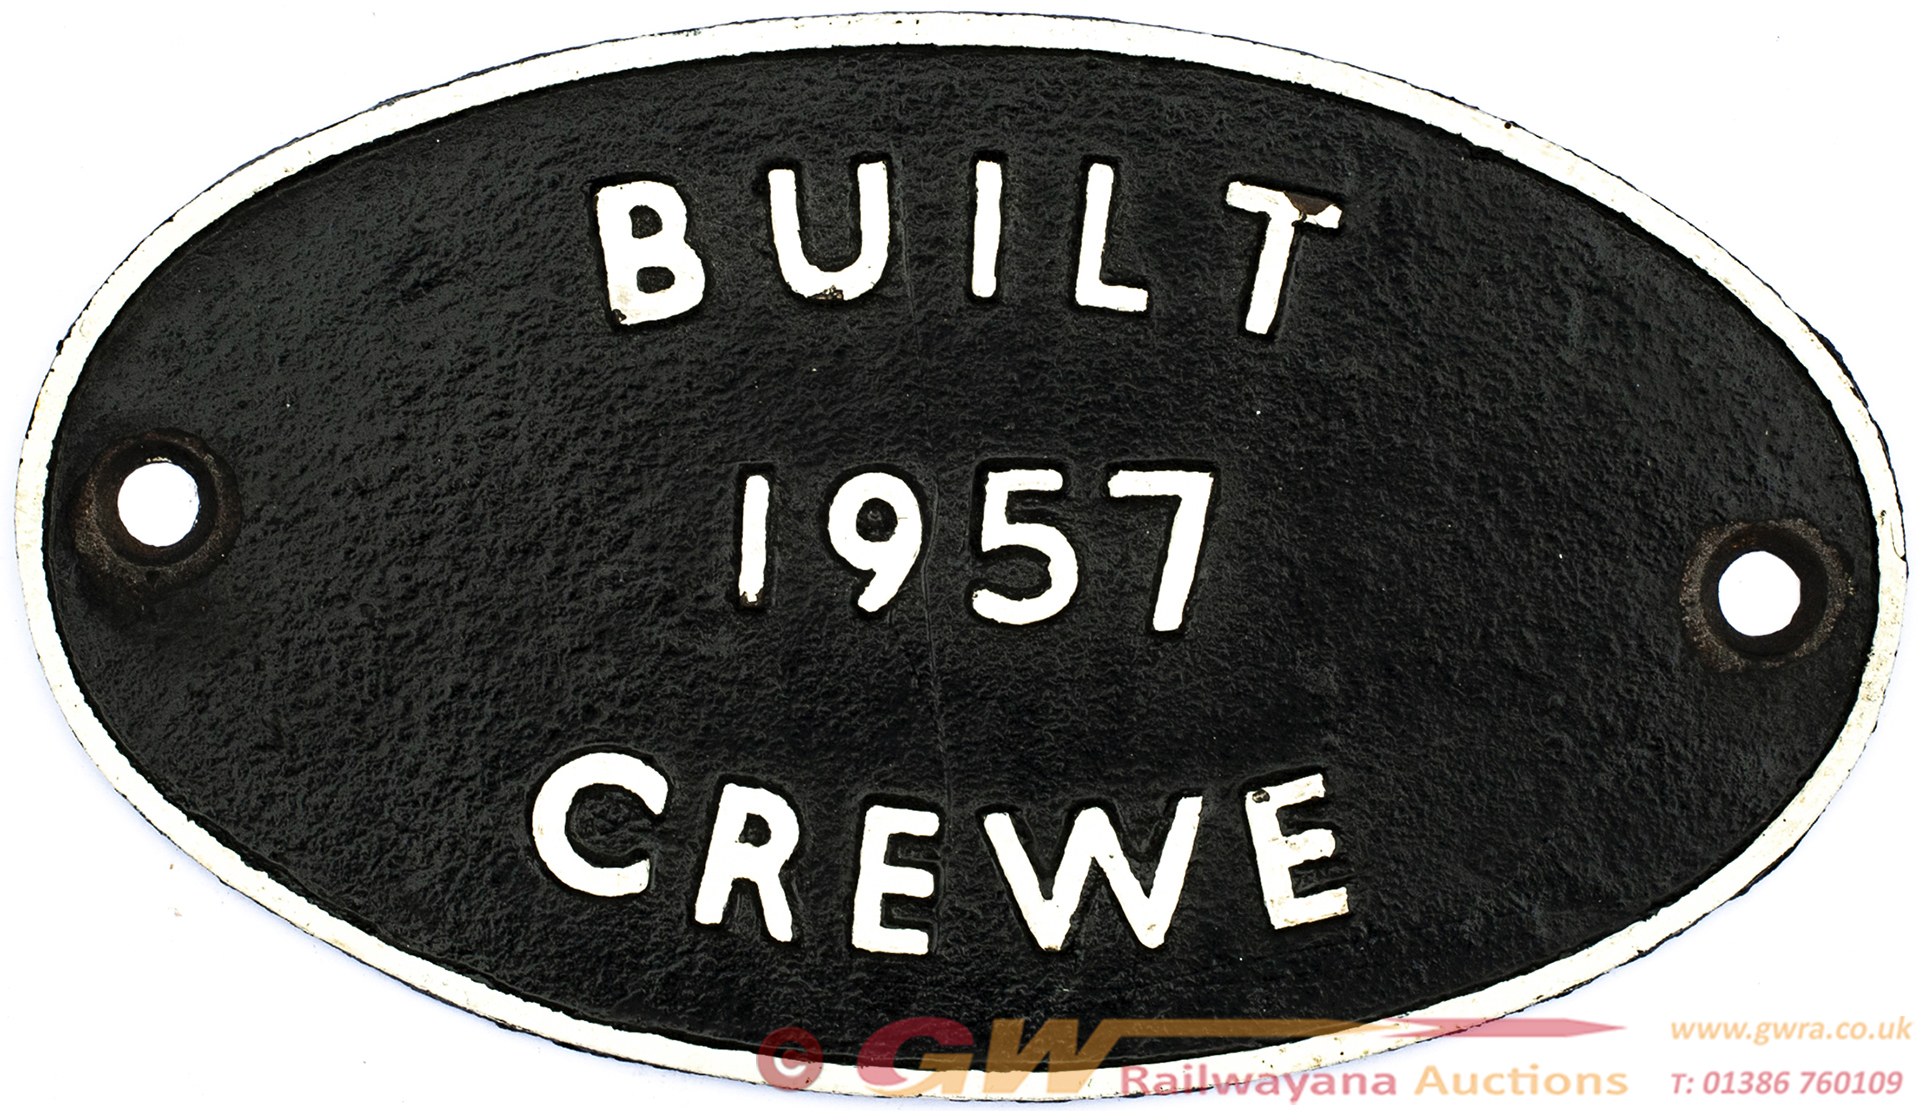 Worksplate BUILT CREWE 1957 Ex British Railways